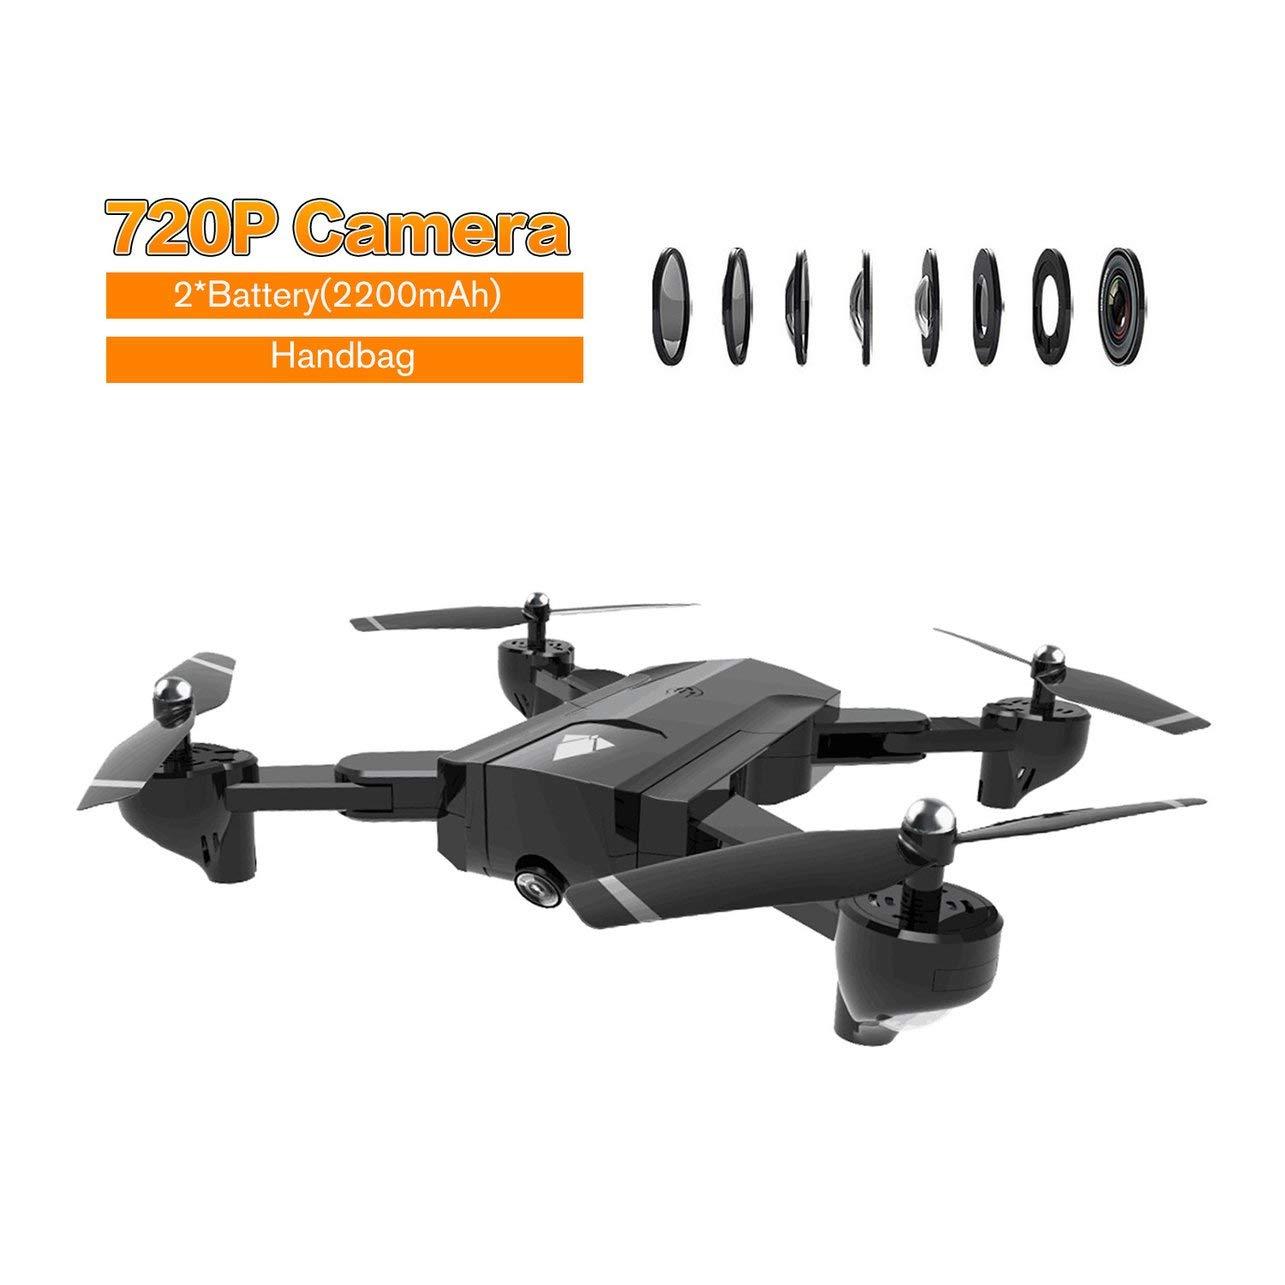 promocionales de incentivo Negro WOSOSYEYO SG900 Drone RC Plegable Plegable Plegable 2.4GHz WiFi FPV Drones Flujo óptico Posicionamiento Drone RC con cámara 720P y batería 2  2200mAh  Esperando por ti